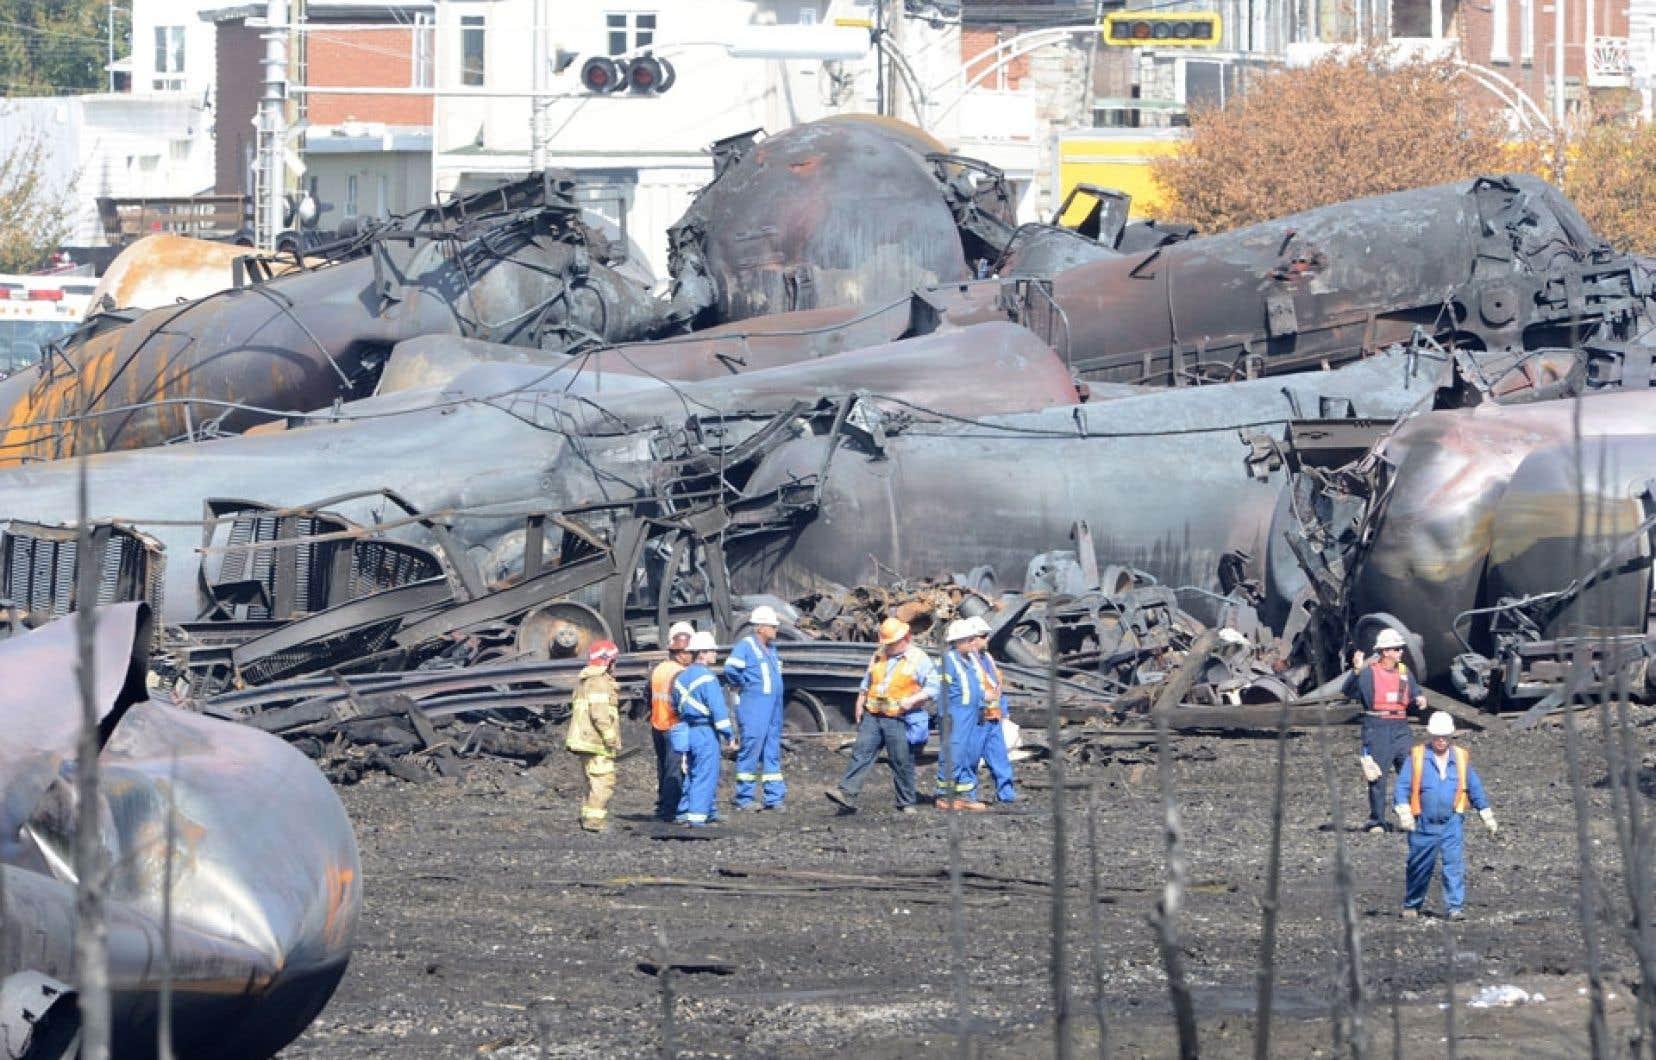 La moitié des 72 wagons calcinés a été retirée du périmètre à ce jour afin qu'on puisse les décontaminer et les détruire.